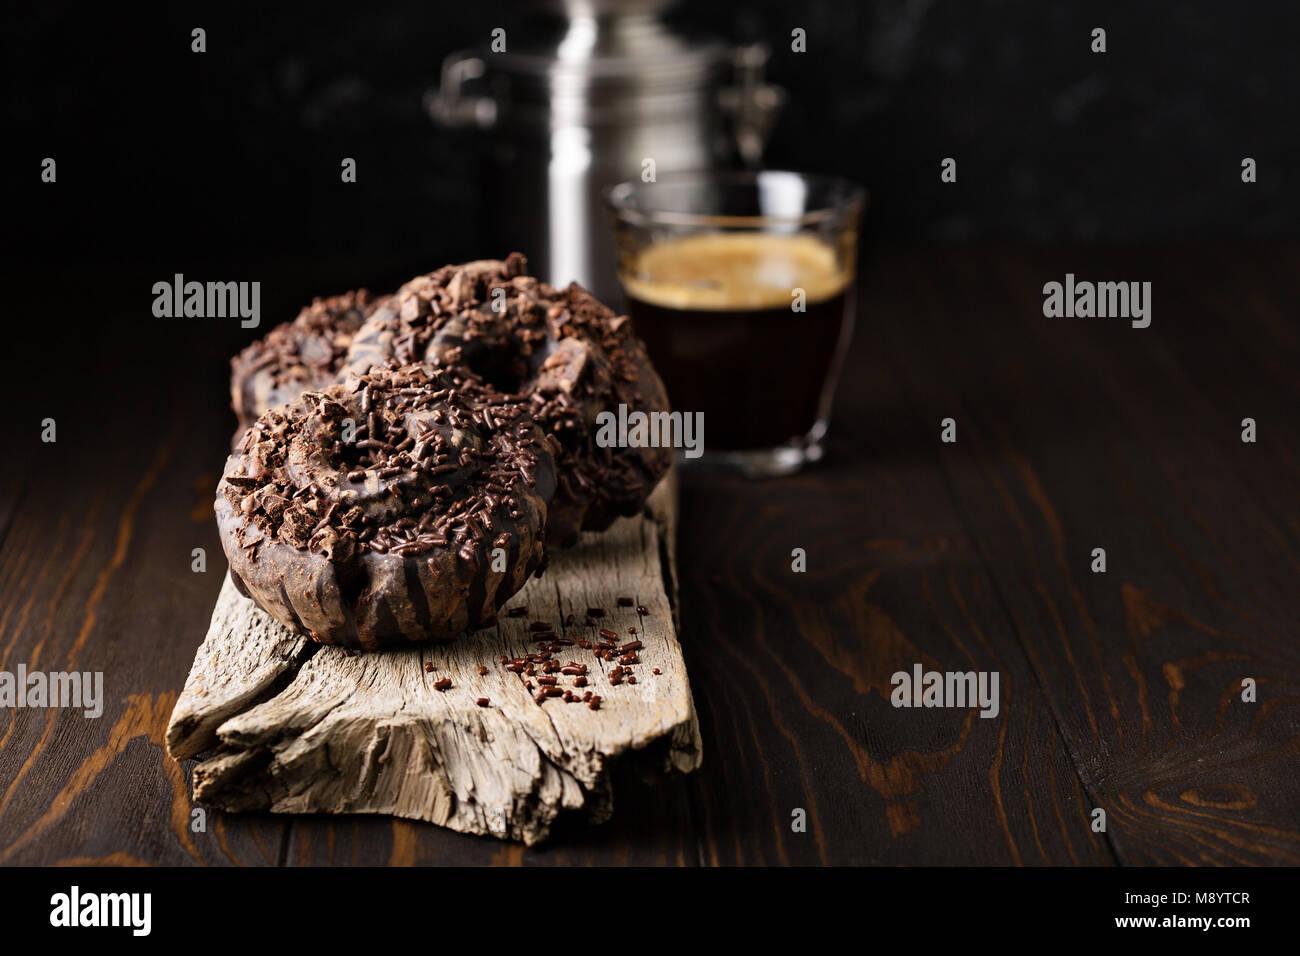 Beignet au chocolat à l'expresso Photo Stock